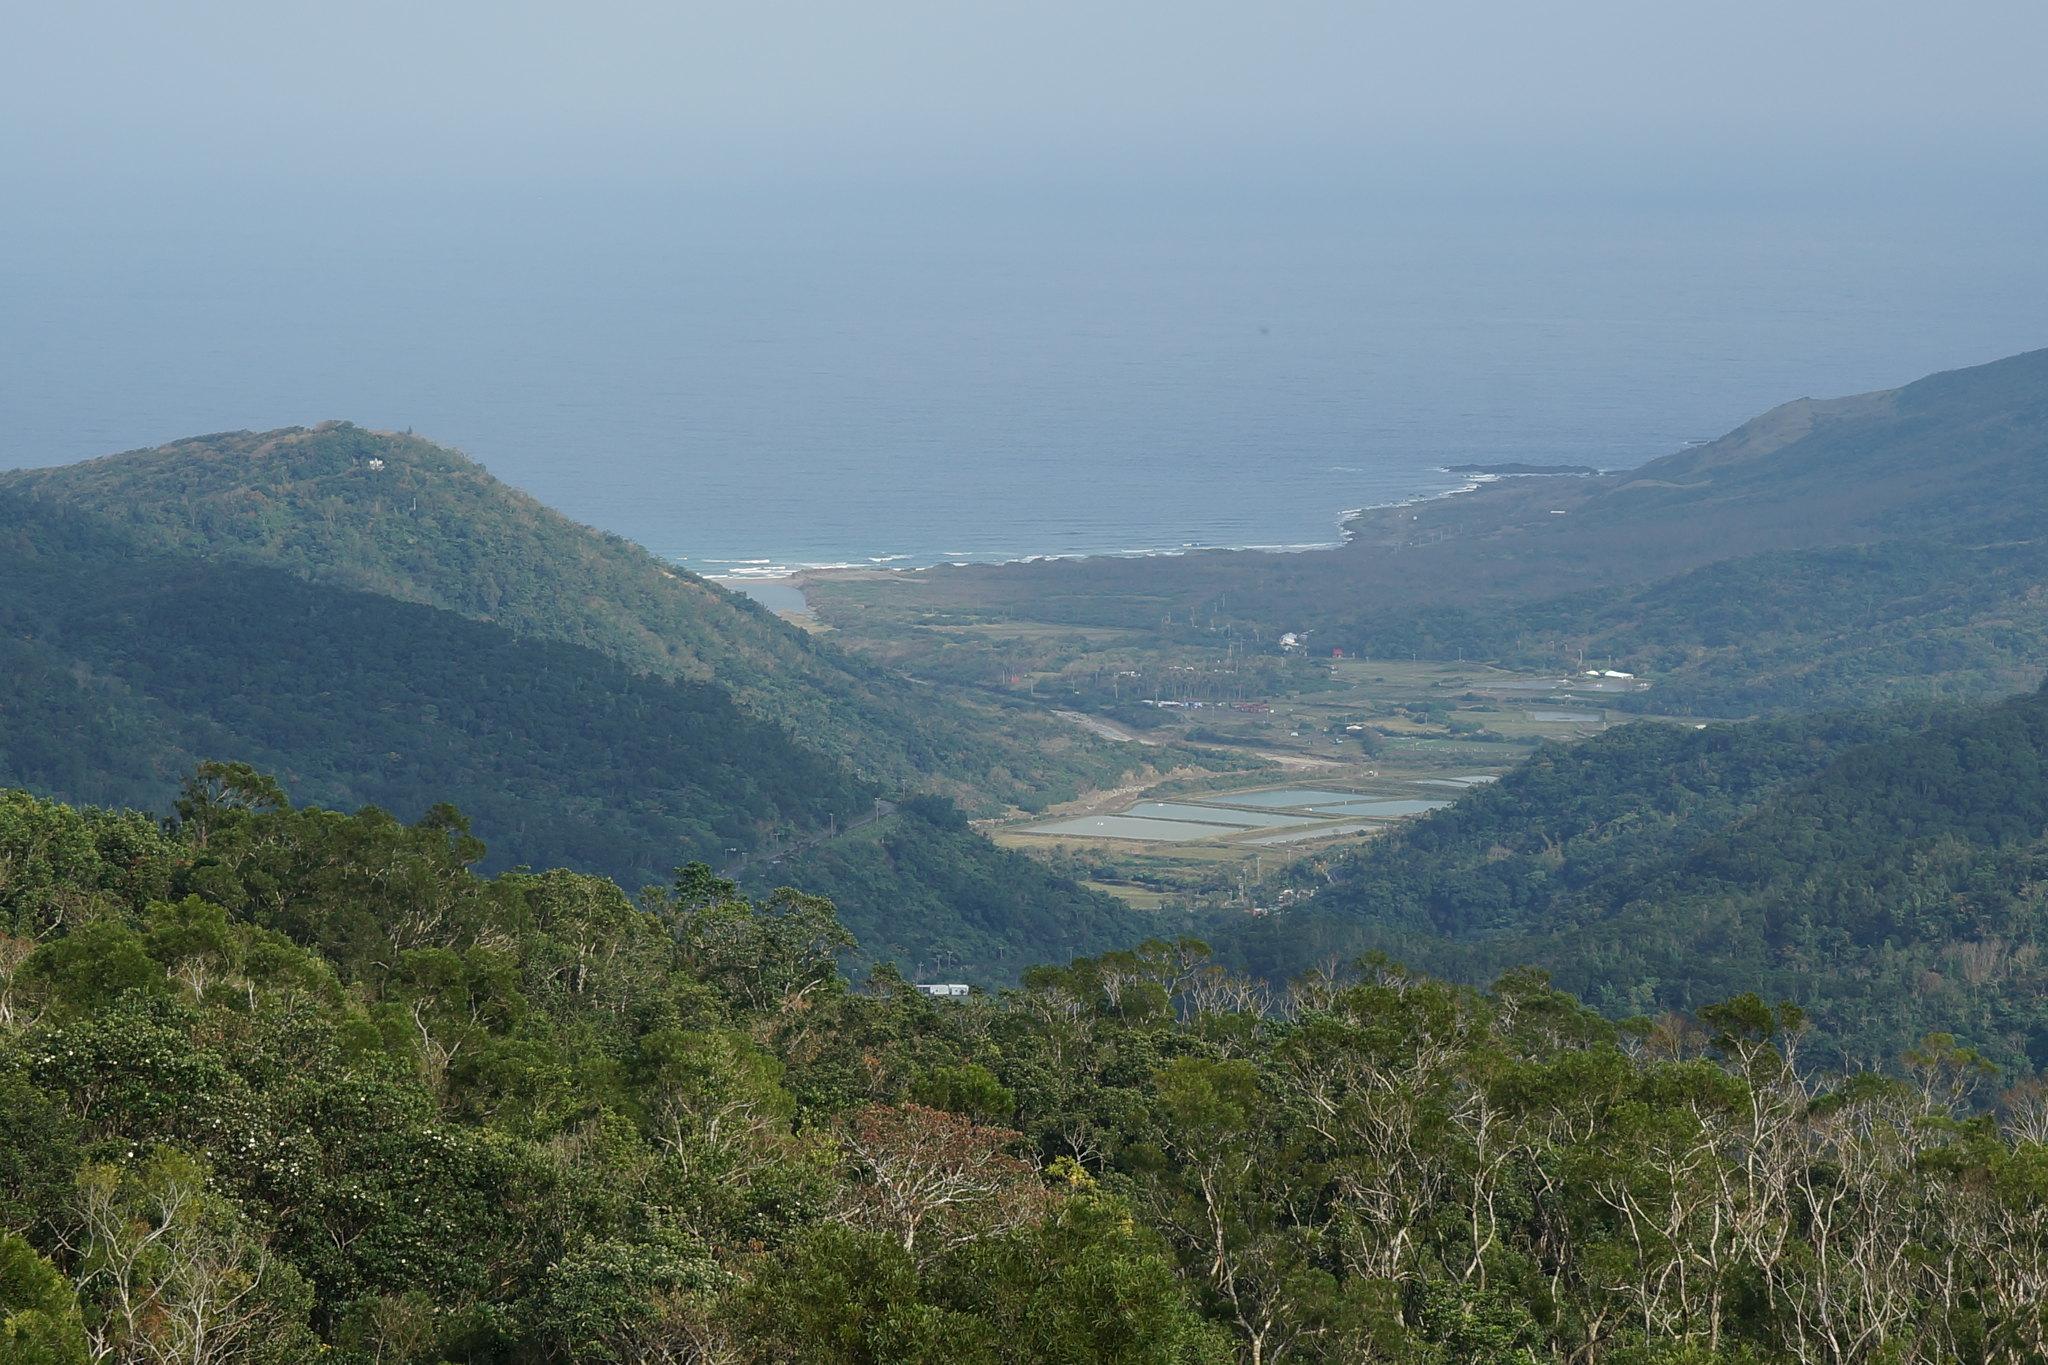 從野牡丹神社公園望出去的景色,遠方的海岸線即是八瑤灣。(攝影:王顥中)